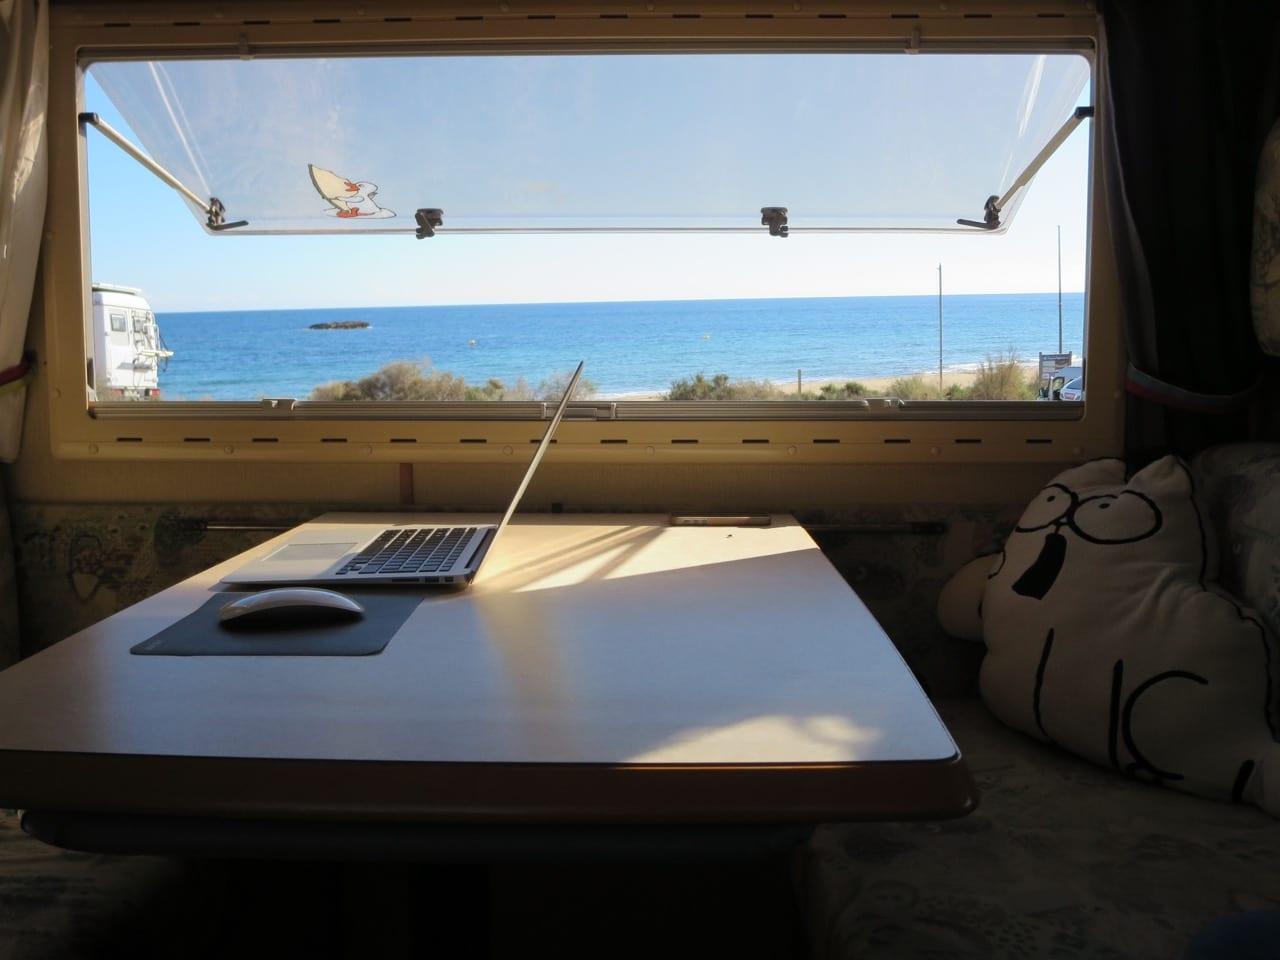 Ein Laptop steht auf einem Tisch vor einem Fenster mit Blick aufs Meer